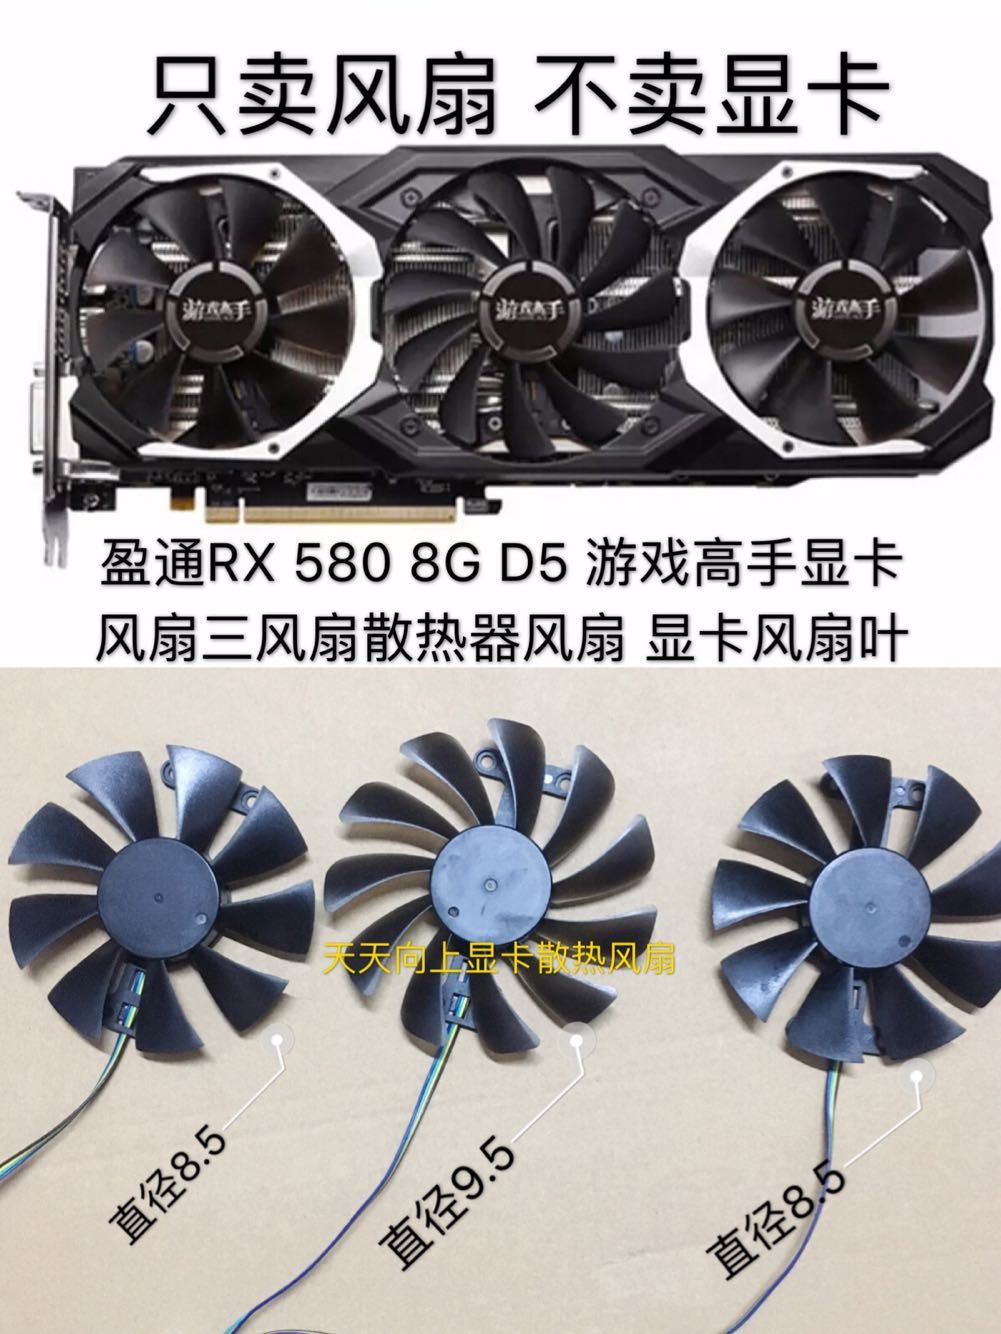 盈通RX 580 8G D5 游戏高手显卡风扇三风扇散热器风扇 显卡风扇叶